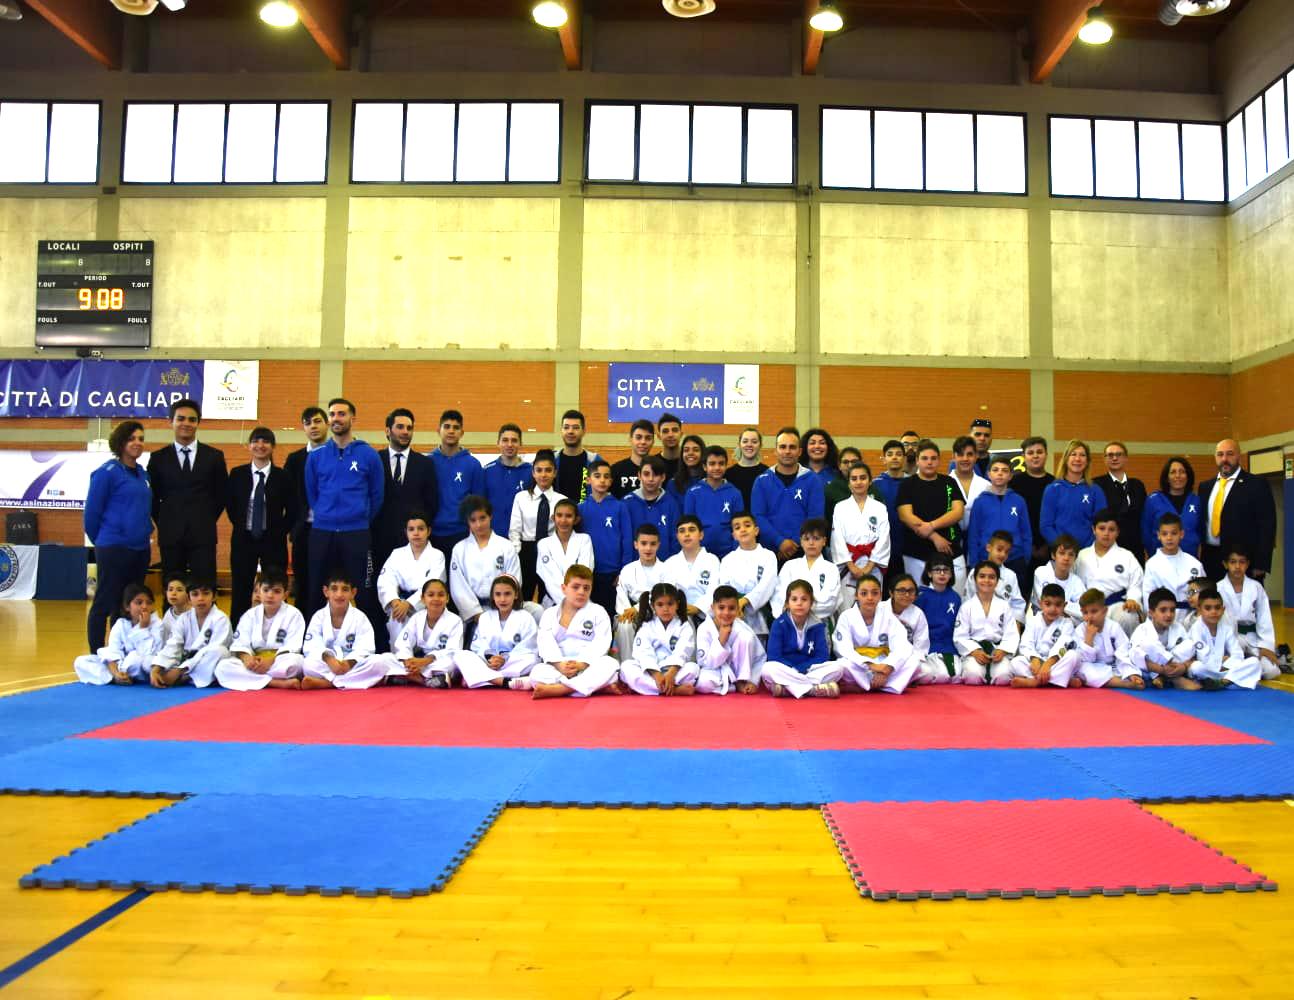 accademia taekwon.do itf campioanto sardo 2019